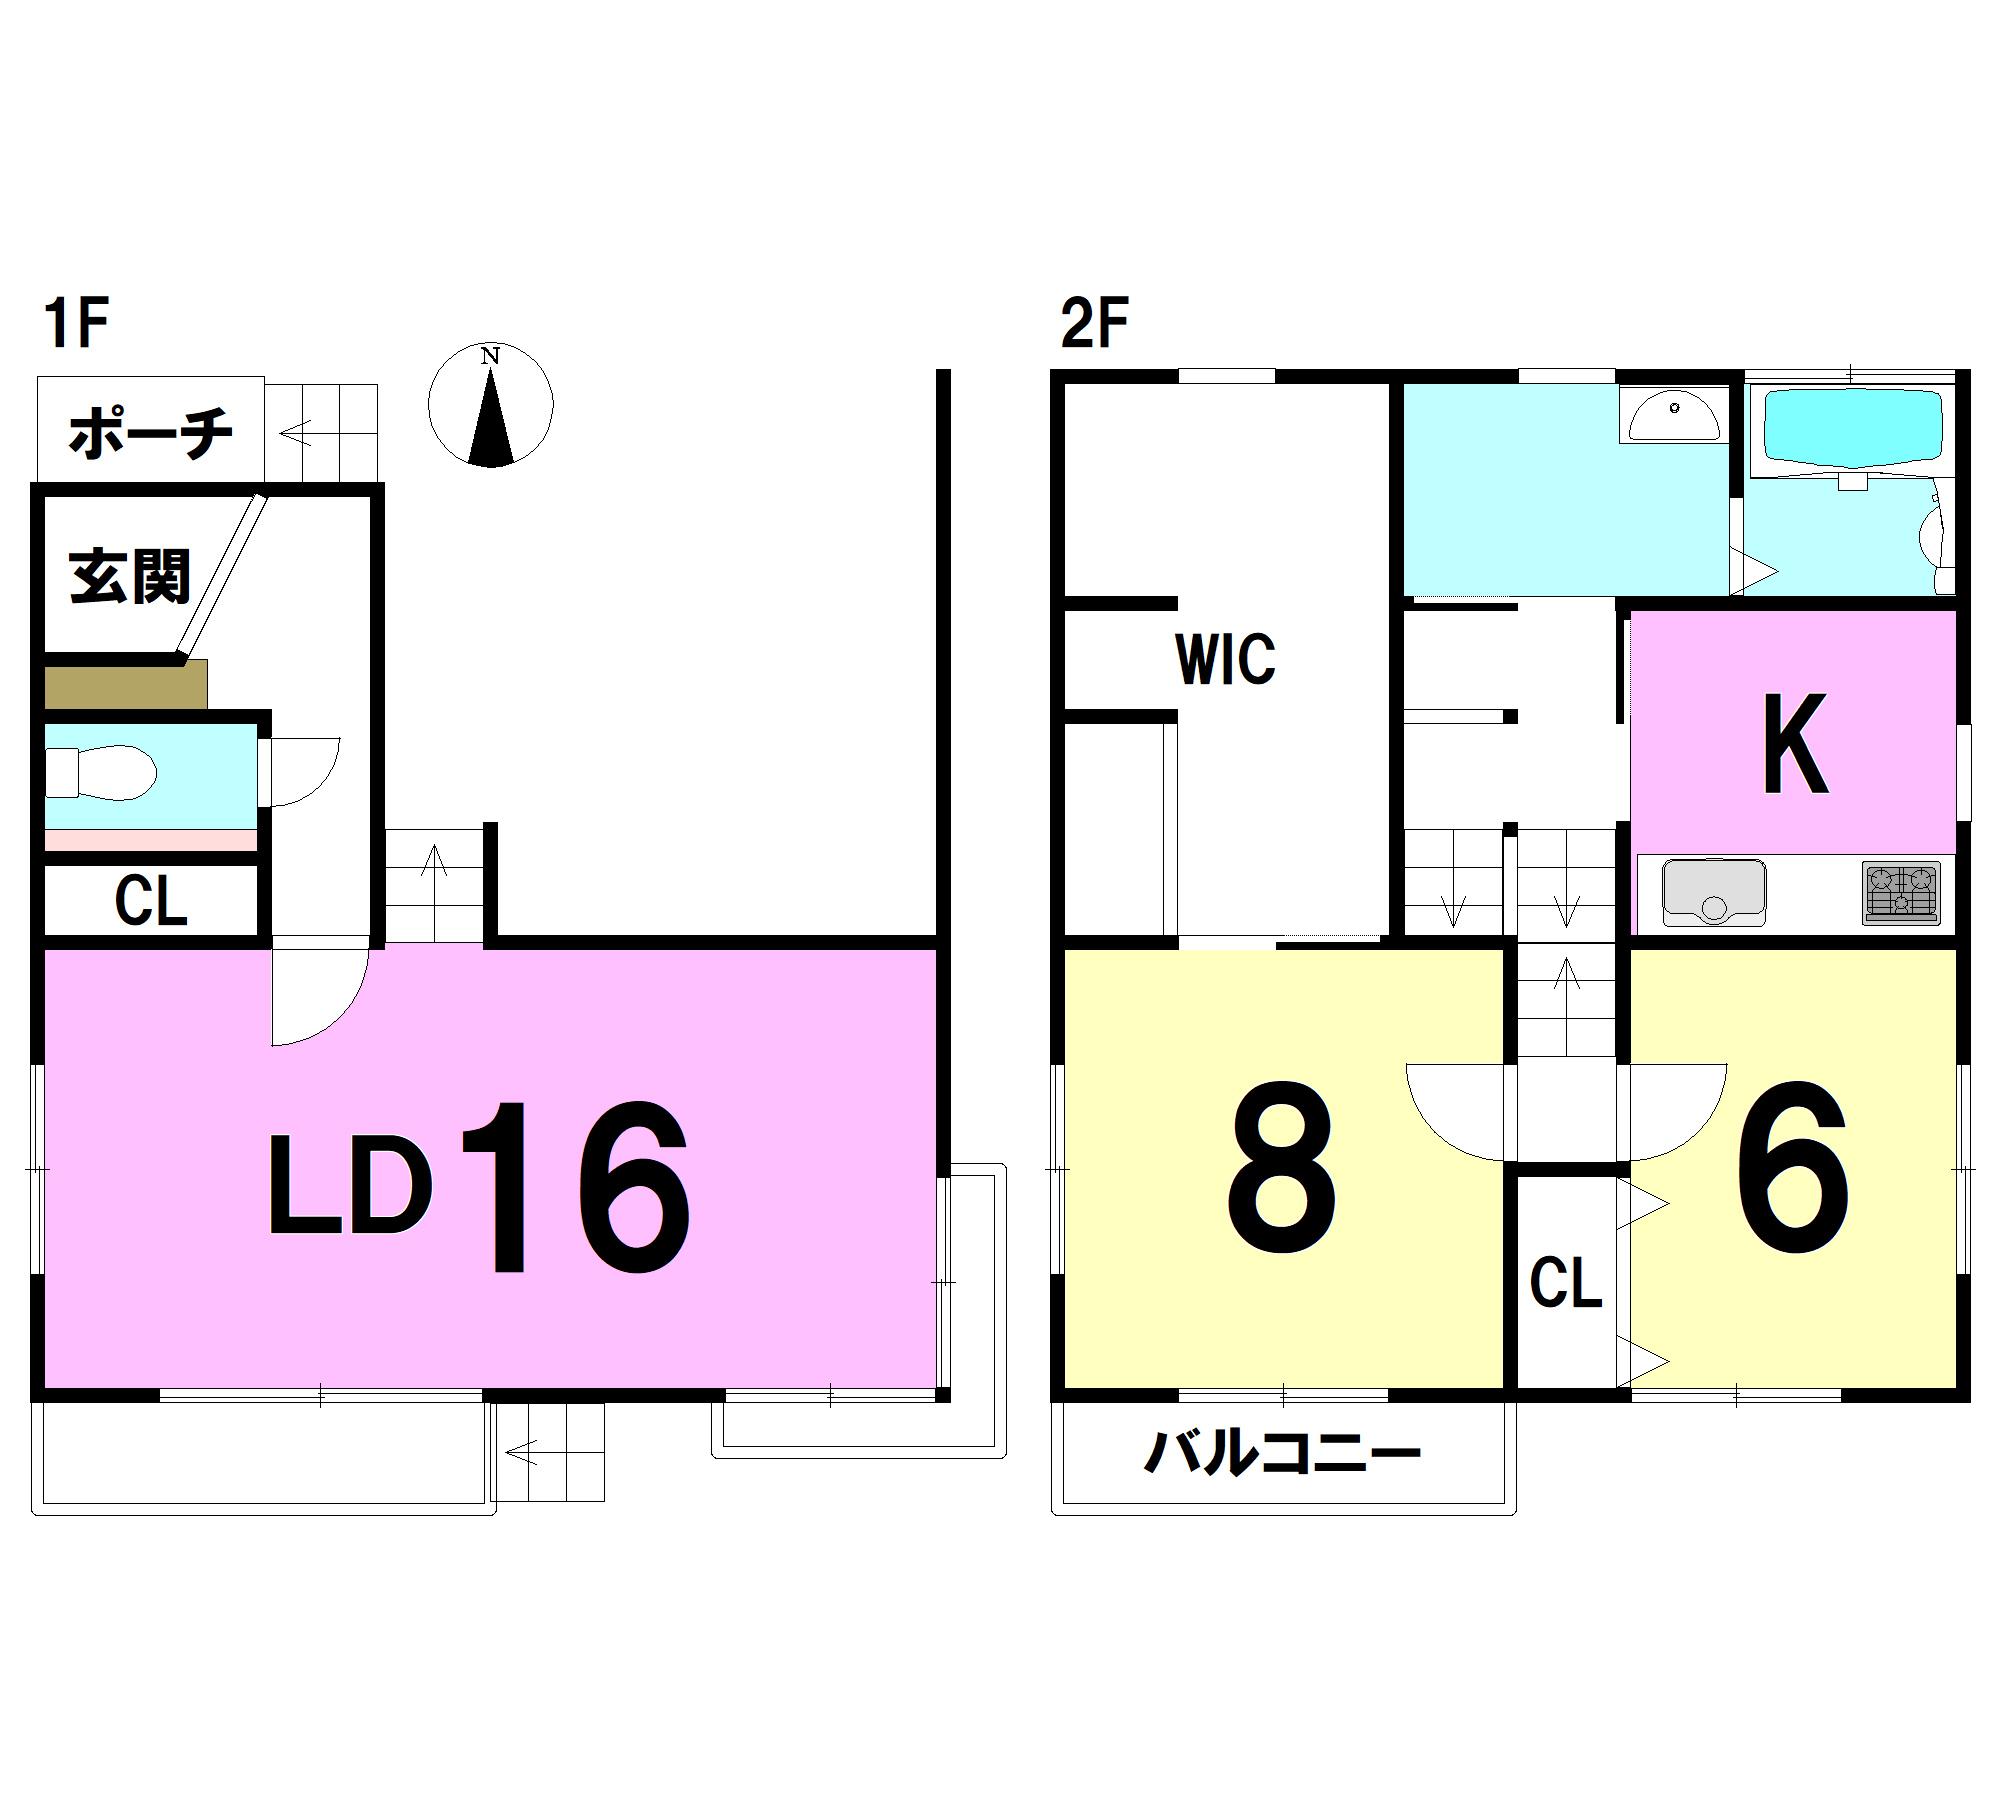 【間取り】 1F:16LD トイレ 2F:K 8洋 6洋 WIC 洗面 浴室